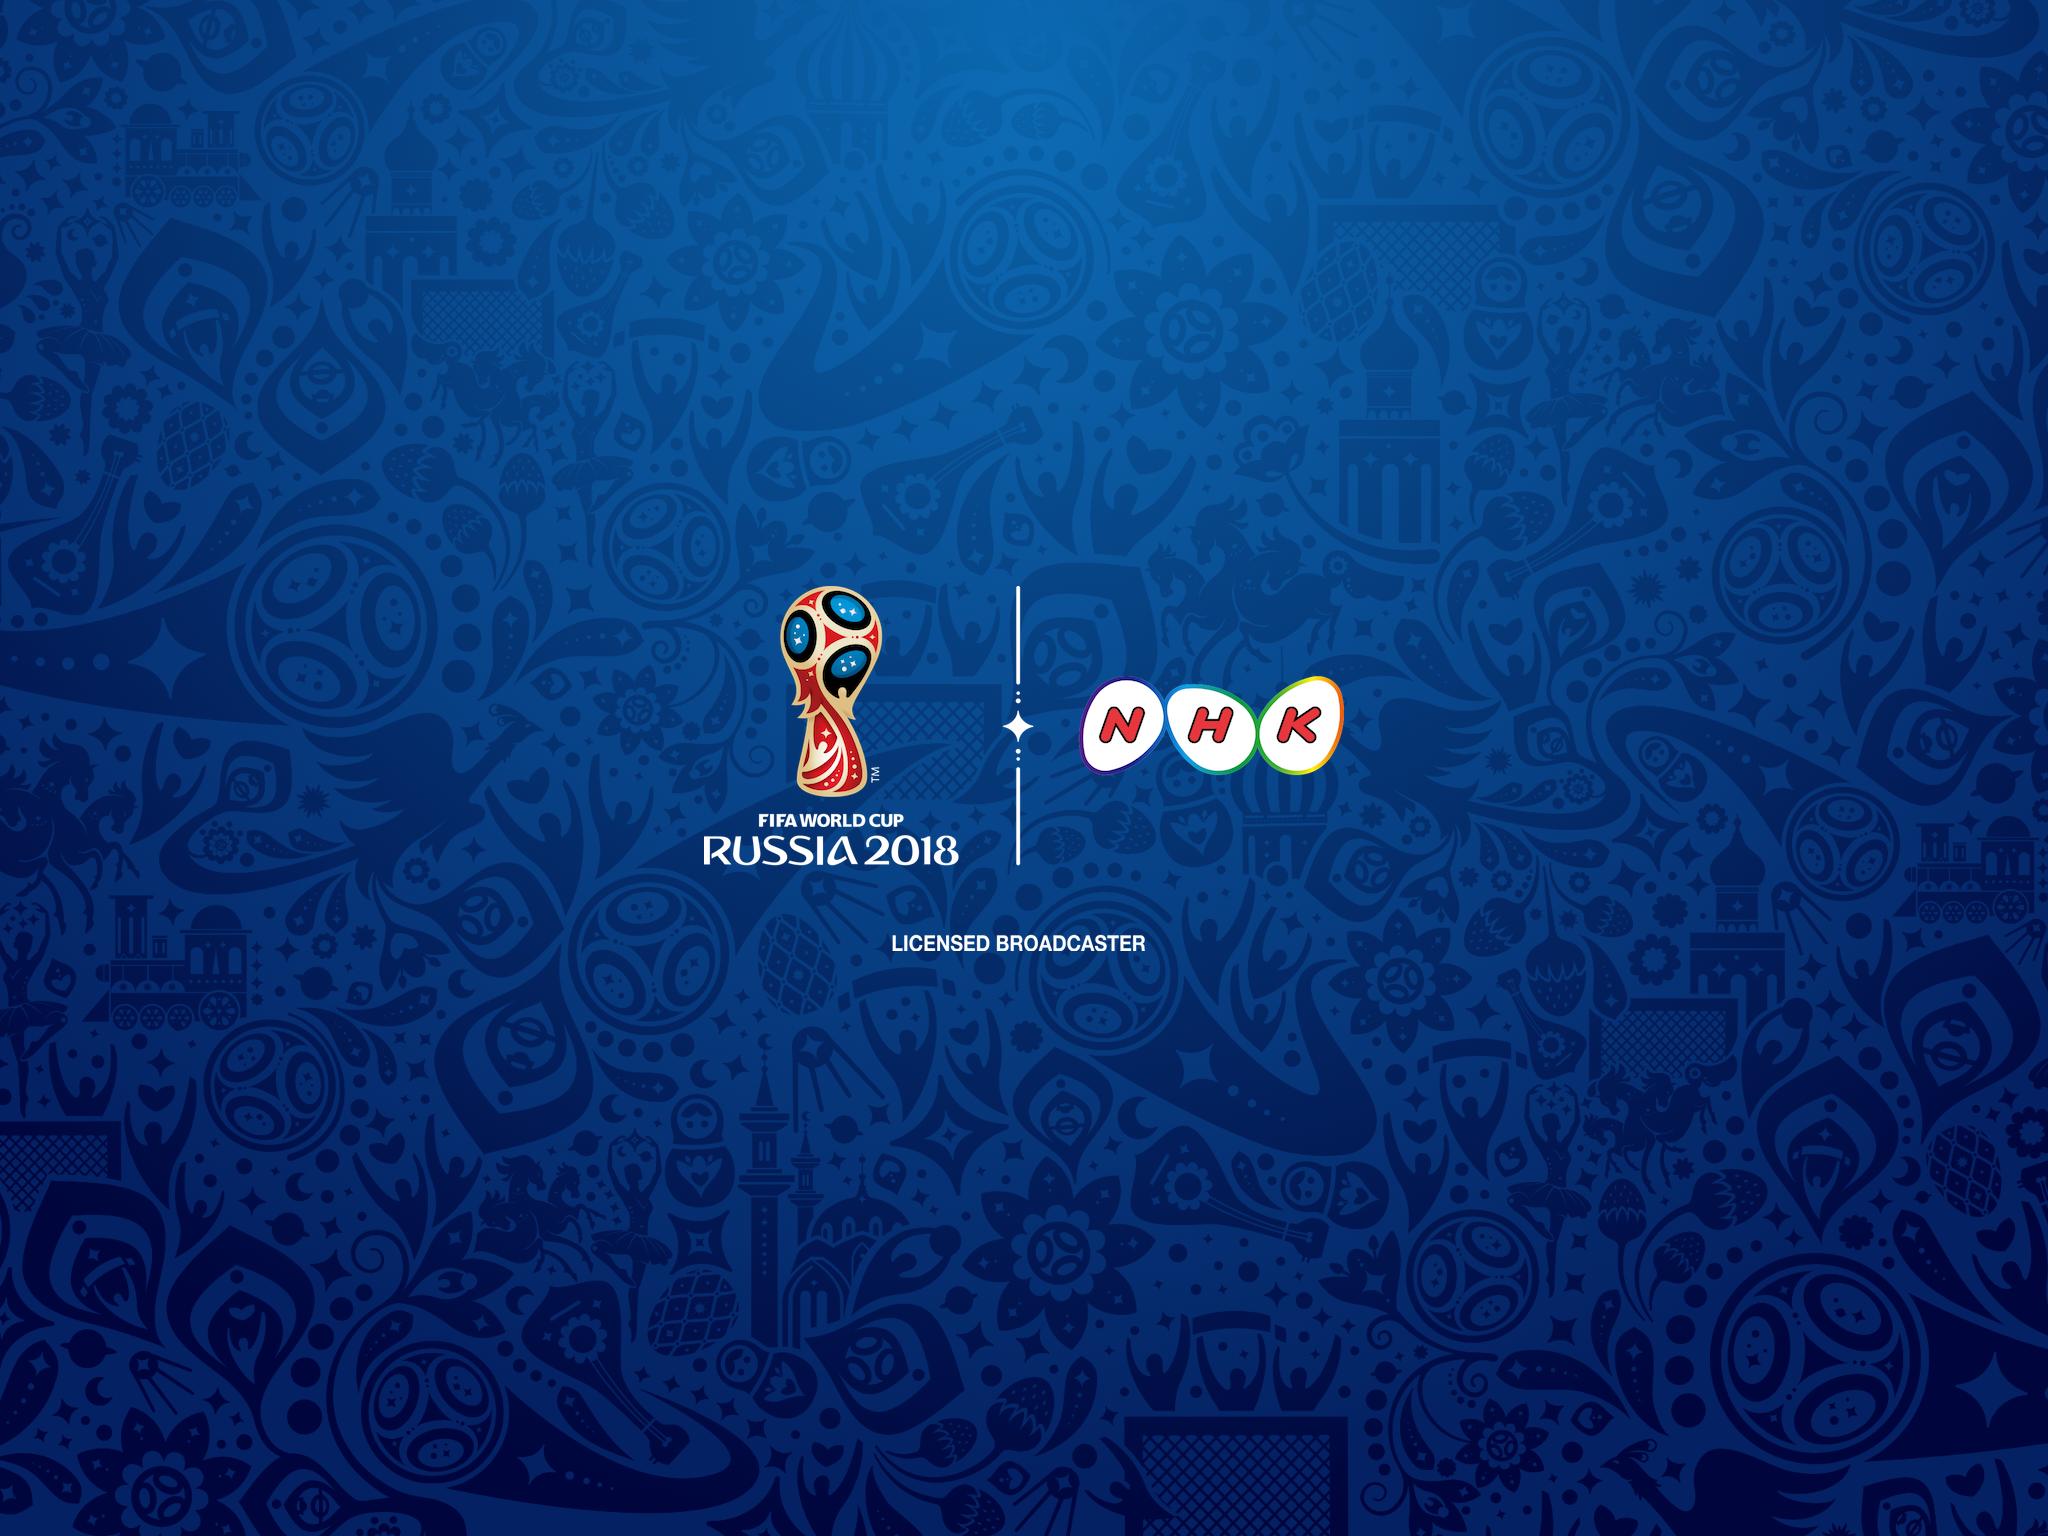 ワールドカップ観戦に必須! NHK W杯アプリがめちゃ熱い